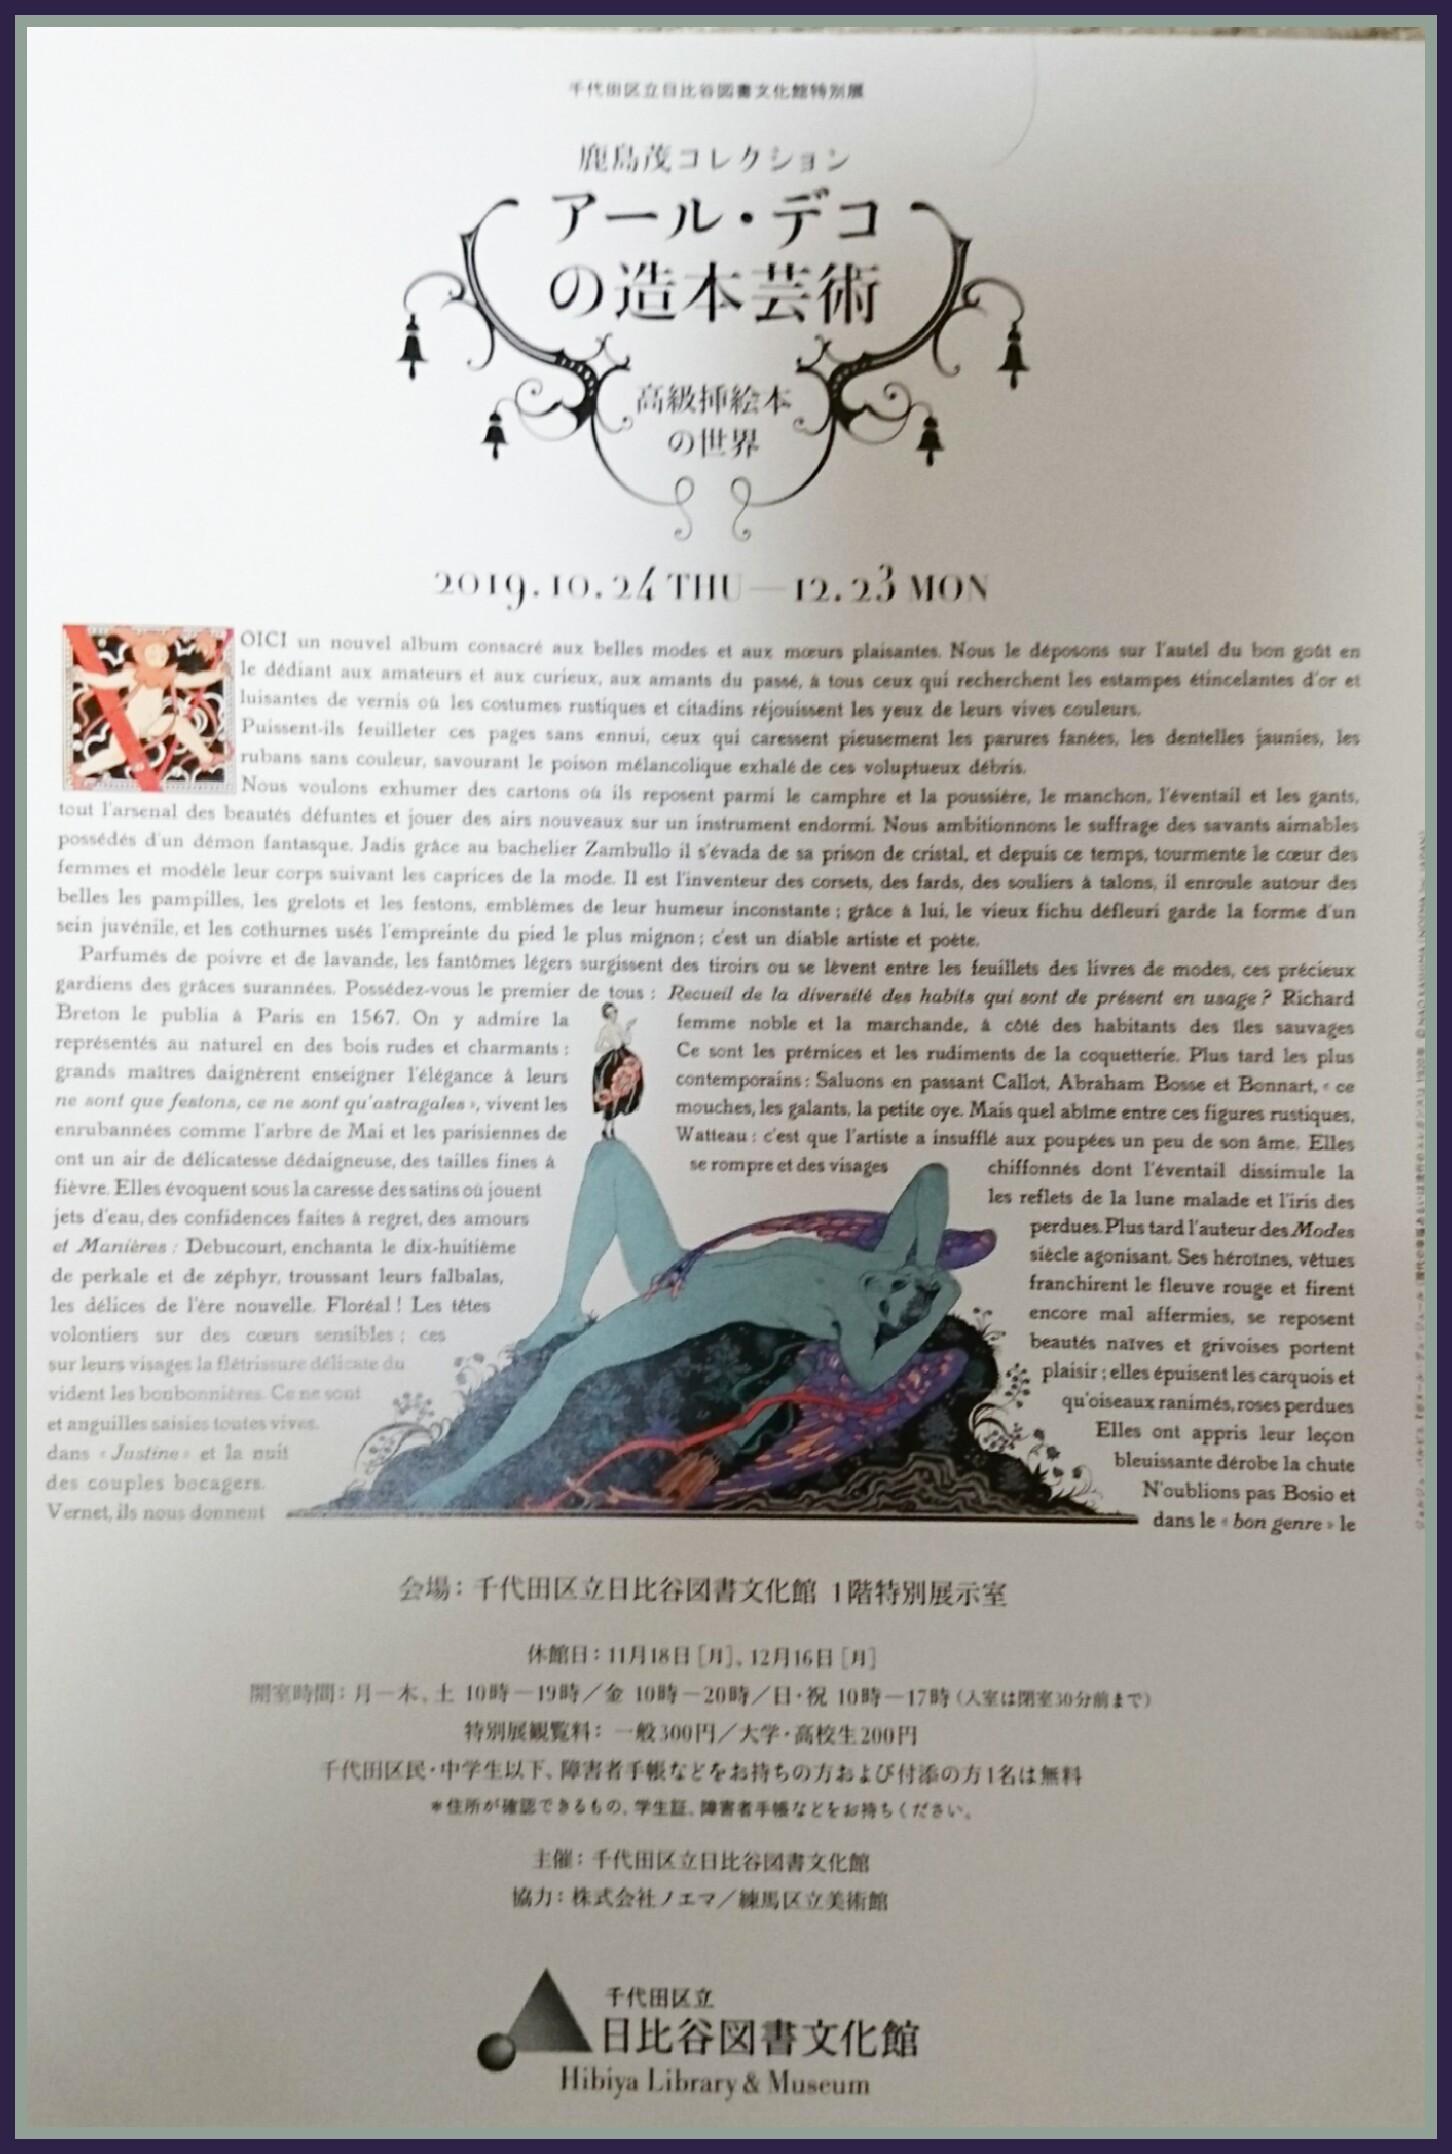 アールデコの造本芸術の世界_b0300188_21155786.jpg